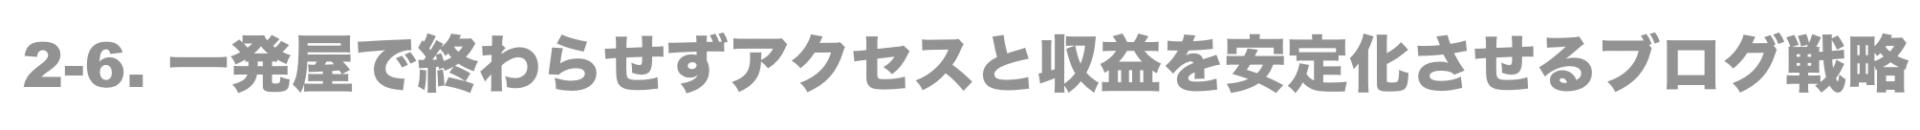 スクリーンショット 2020-07-28 22.36.32